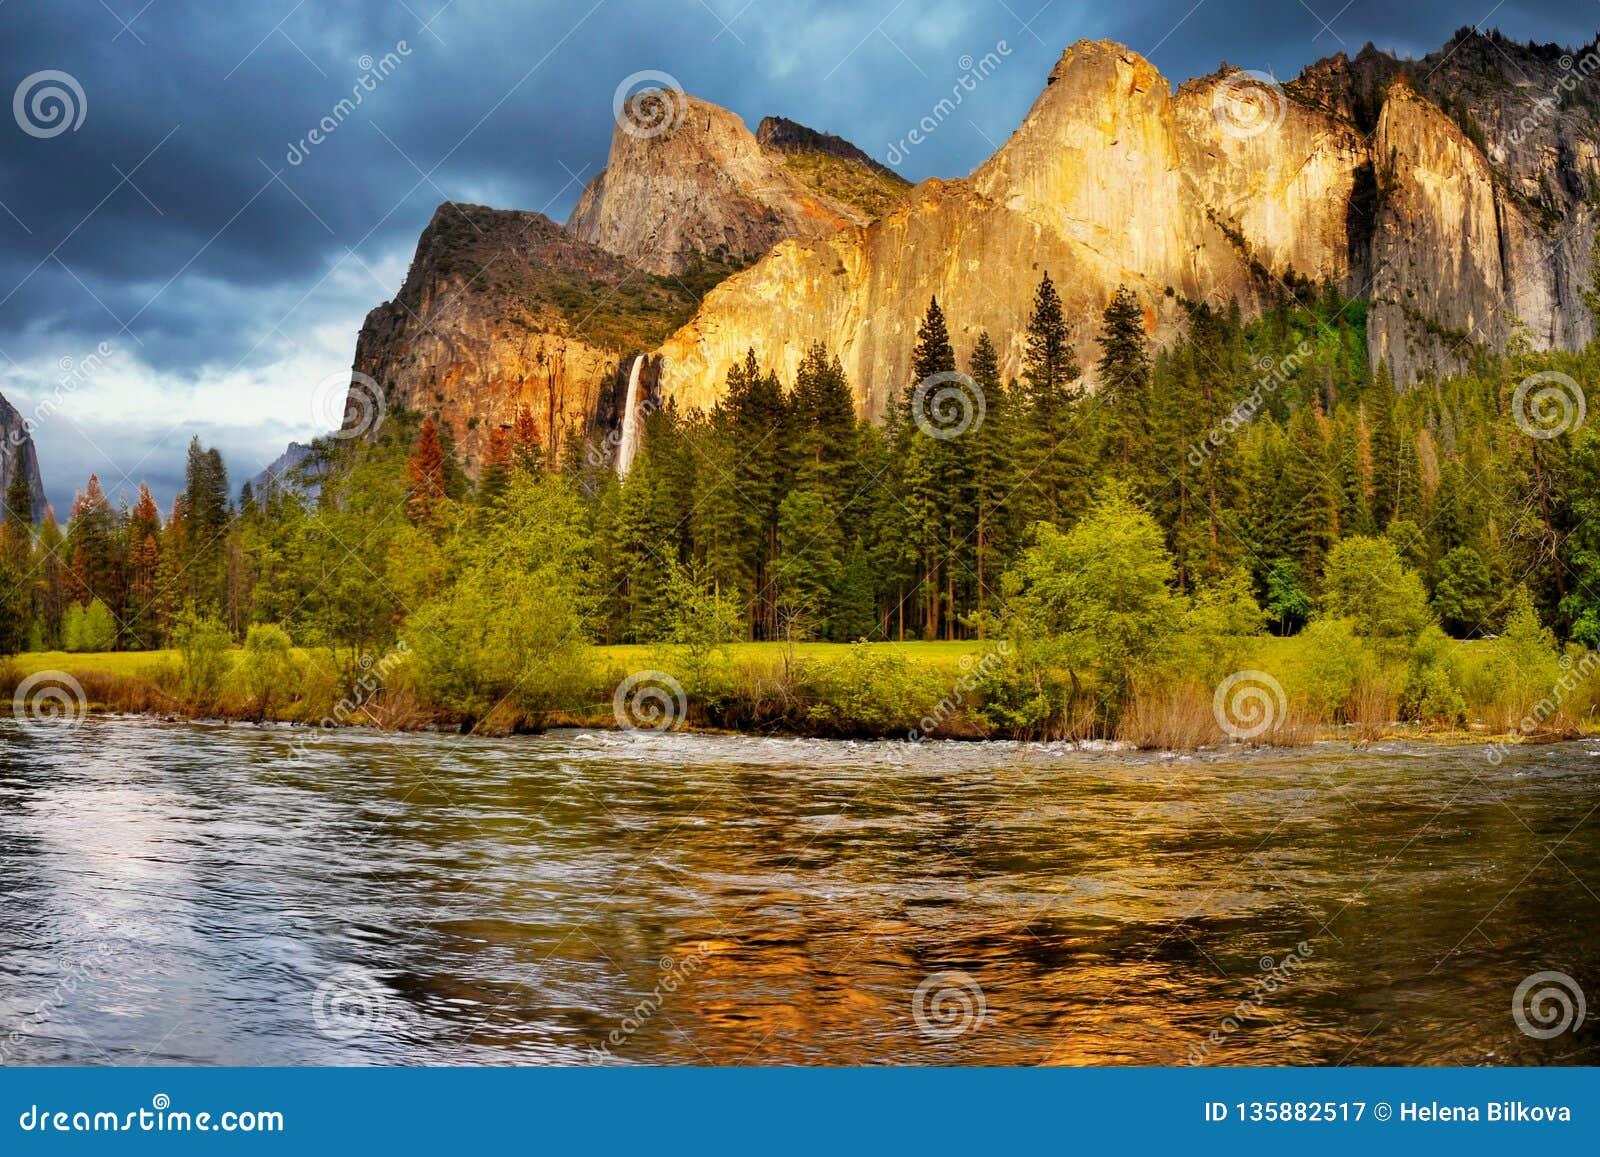 Quedas das montanhas do vale de Yosemite, parques nacionais dos E.U.